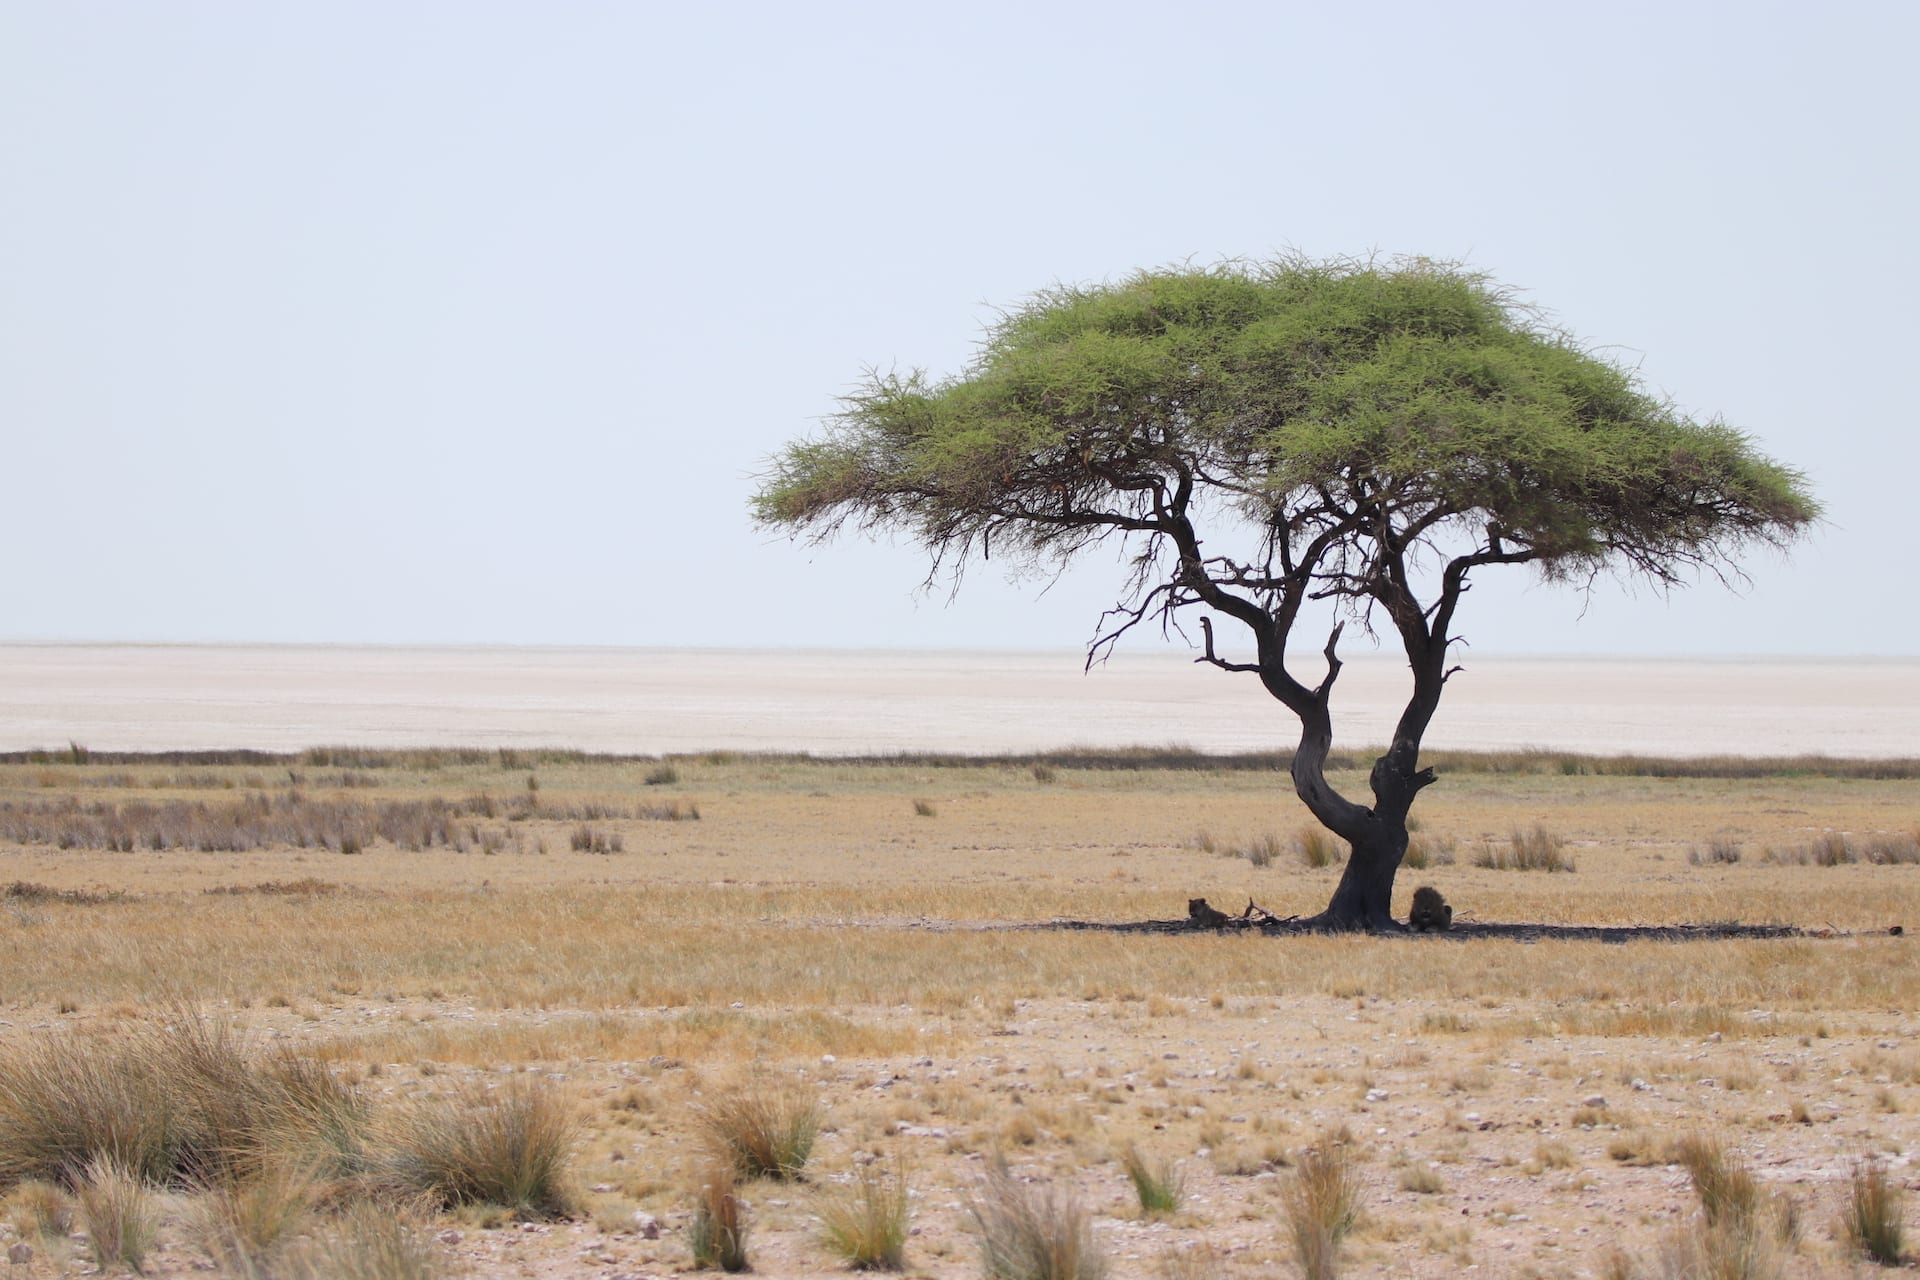 ALGEMEEN - NAM - Etosha - leeuwen onder boom - 2018 kopie